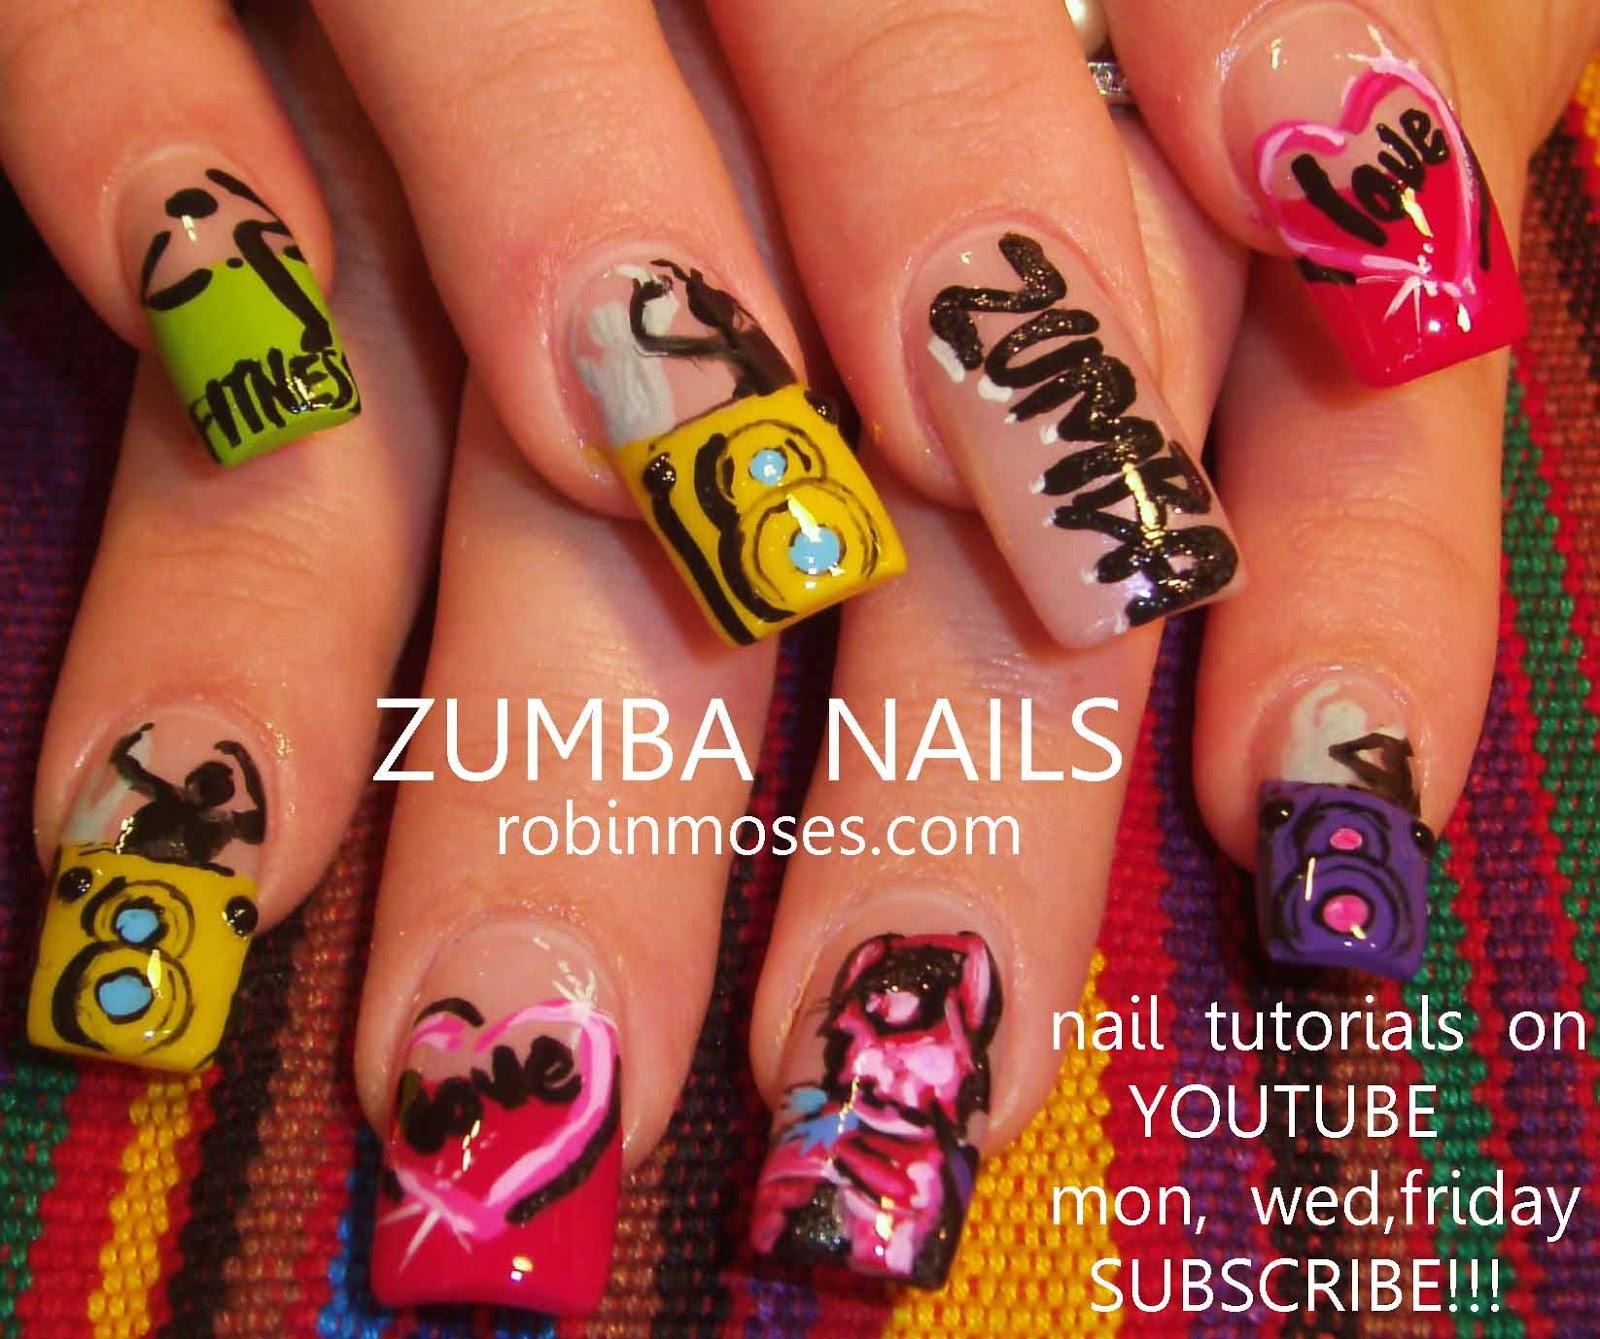 zumba, zumba nail art, zumba nails, healthy nails, extra long nails ...